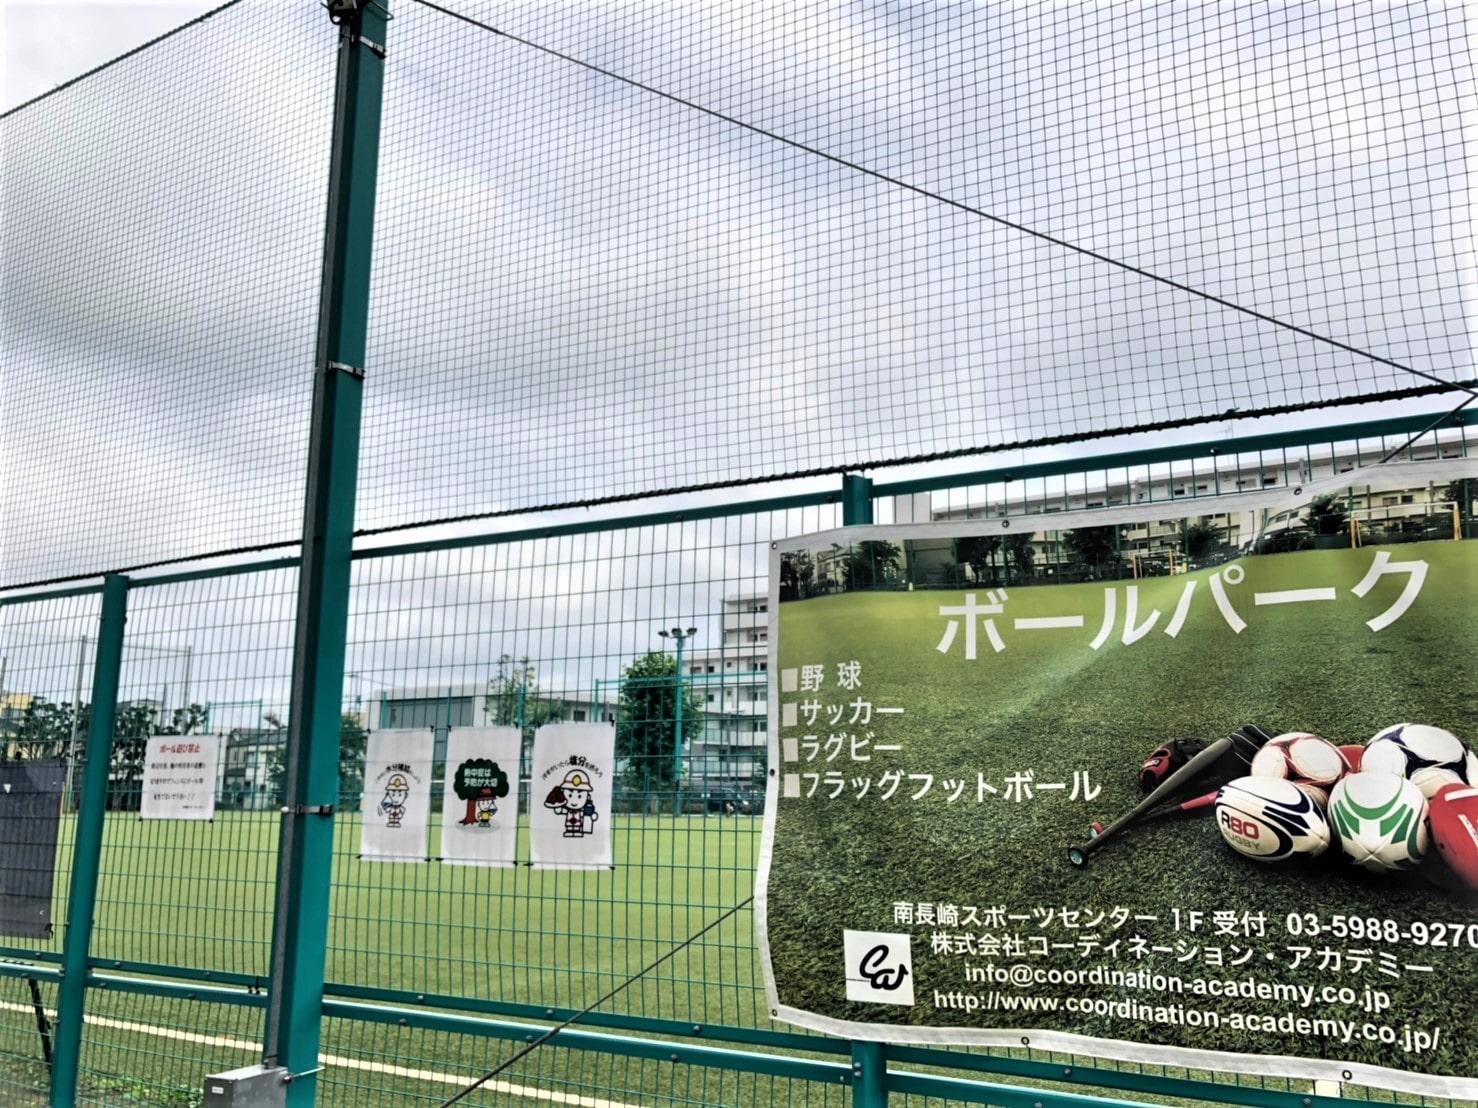 南長崎スポーツ公園